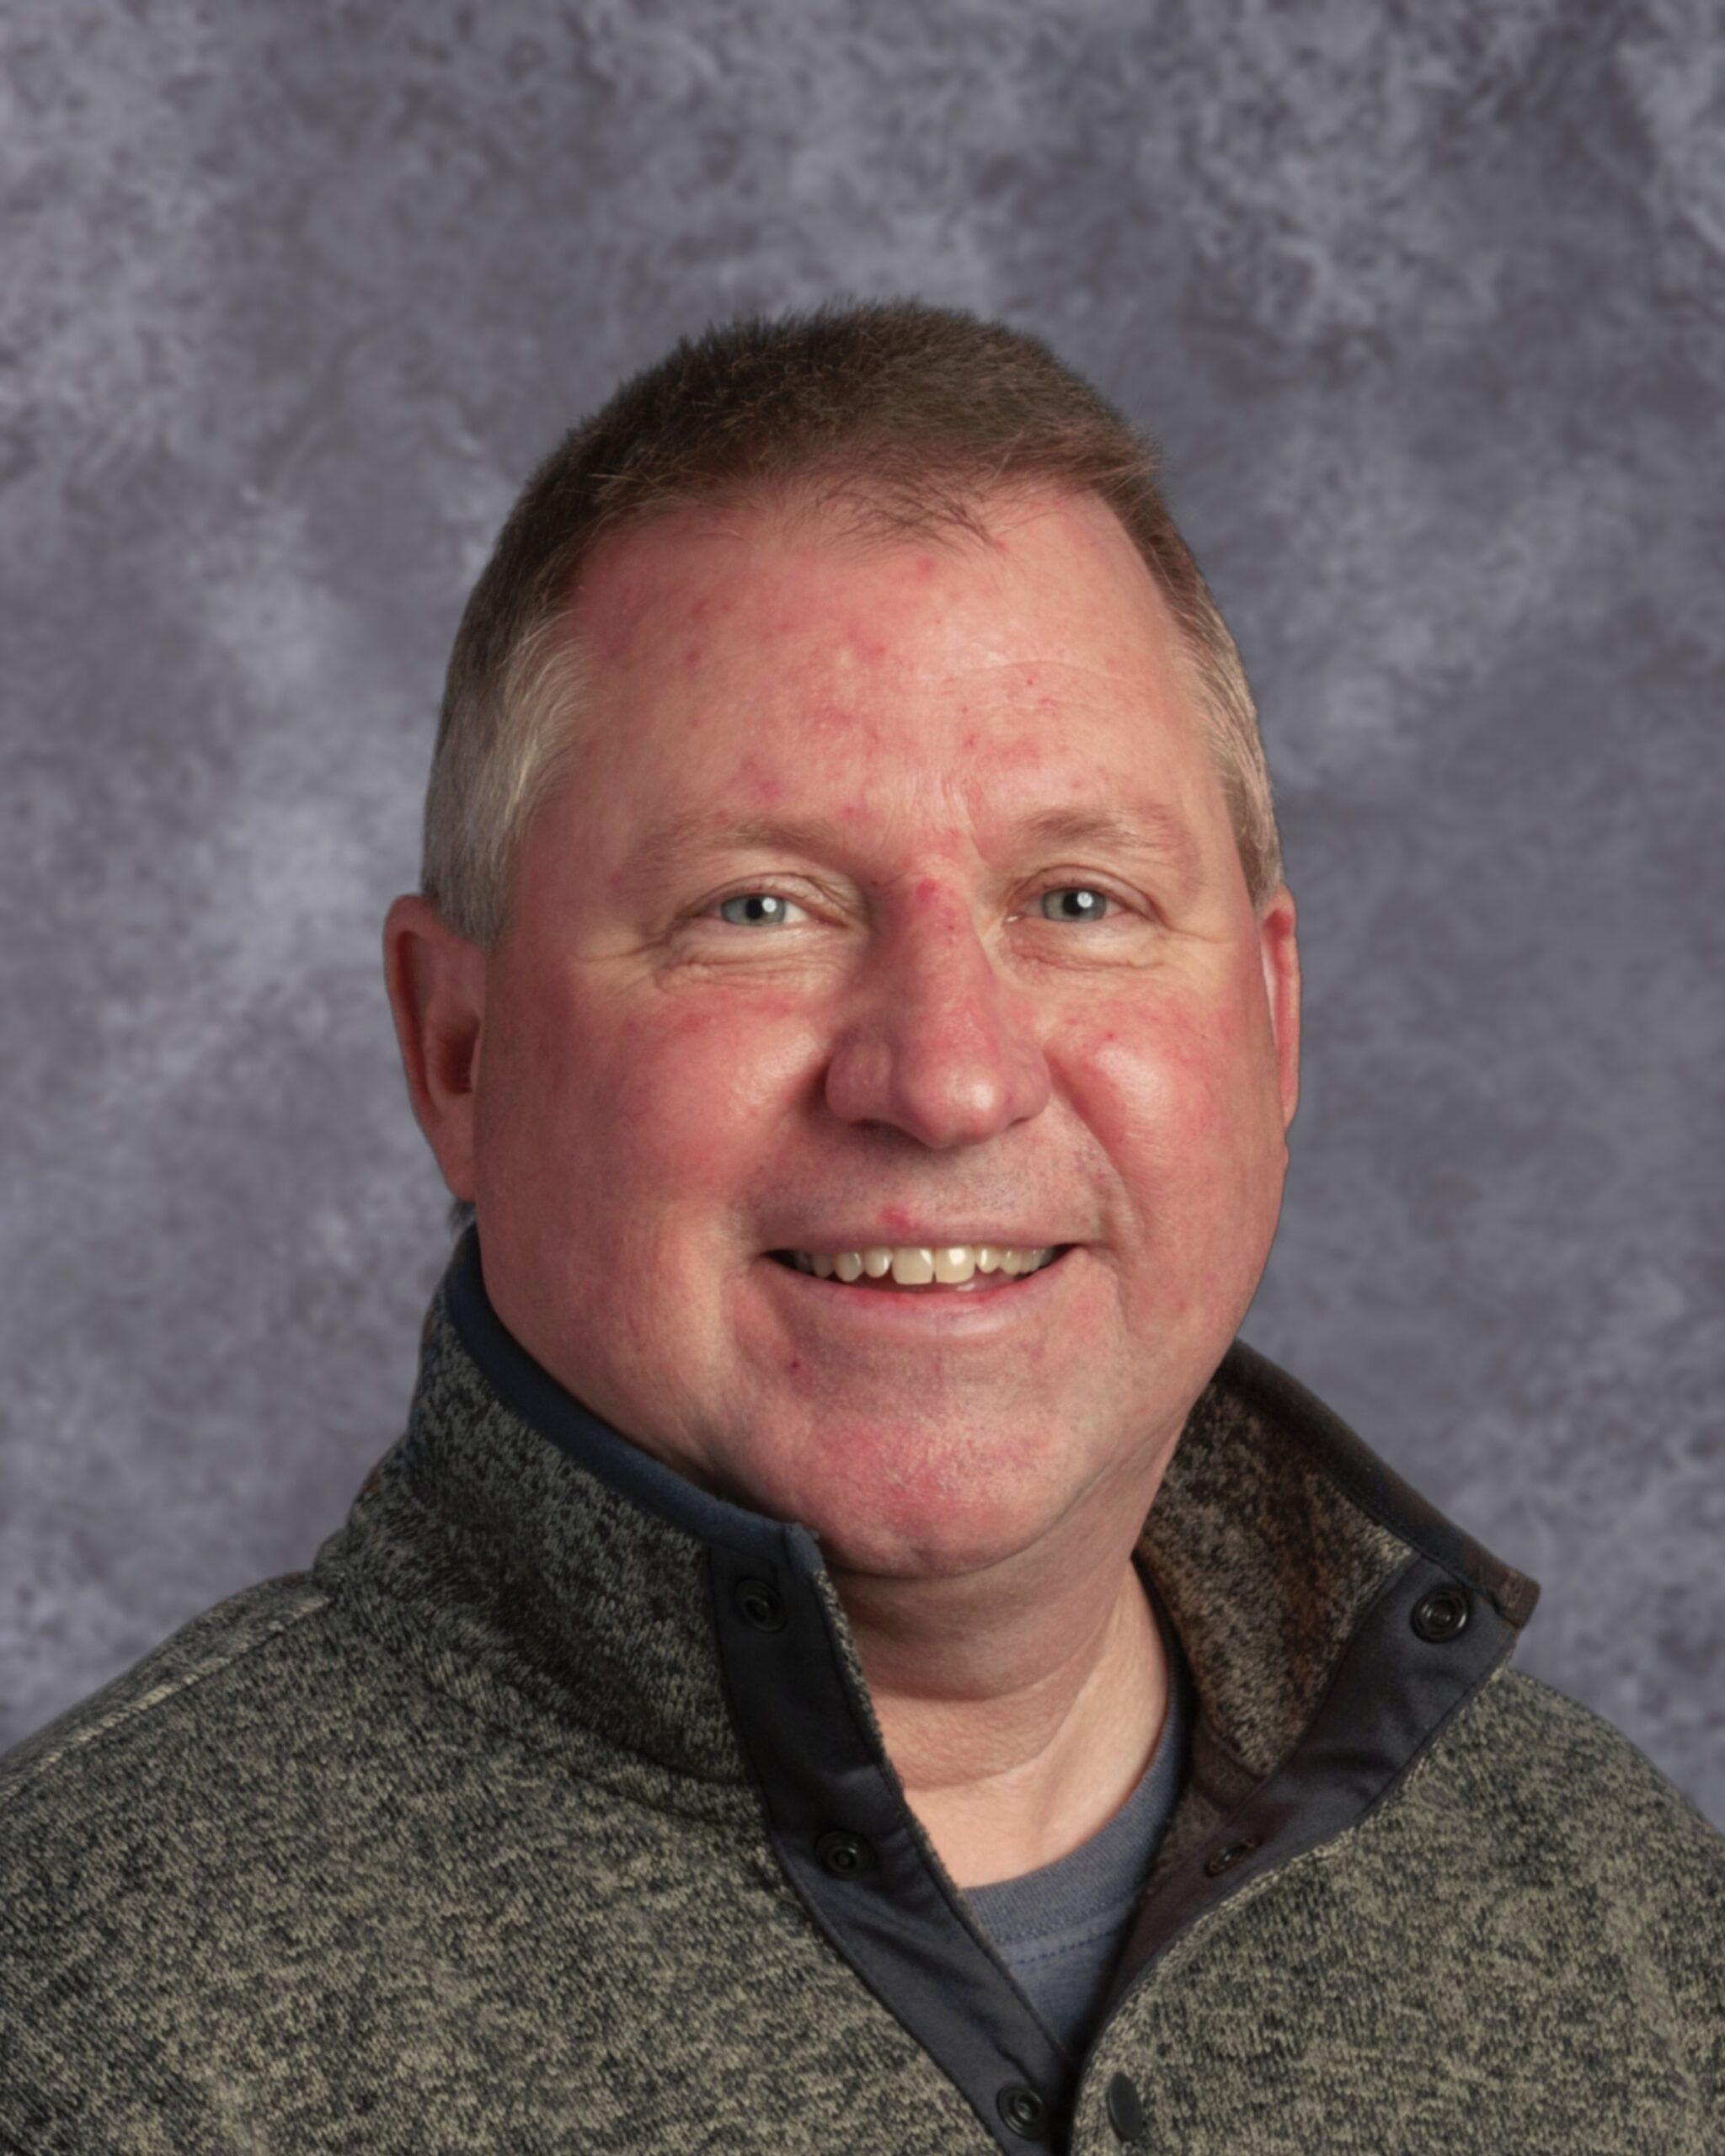 Jeff Bowman